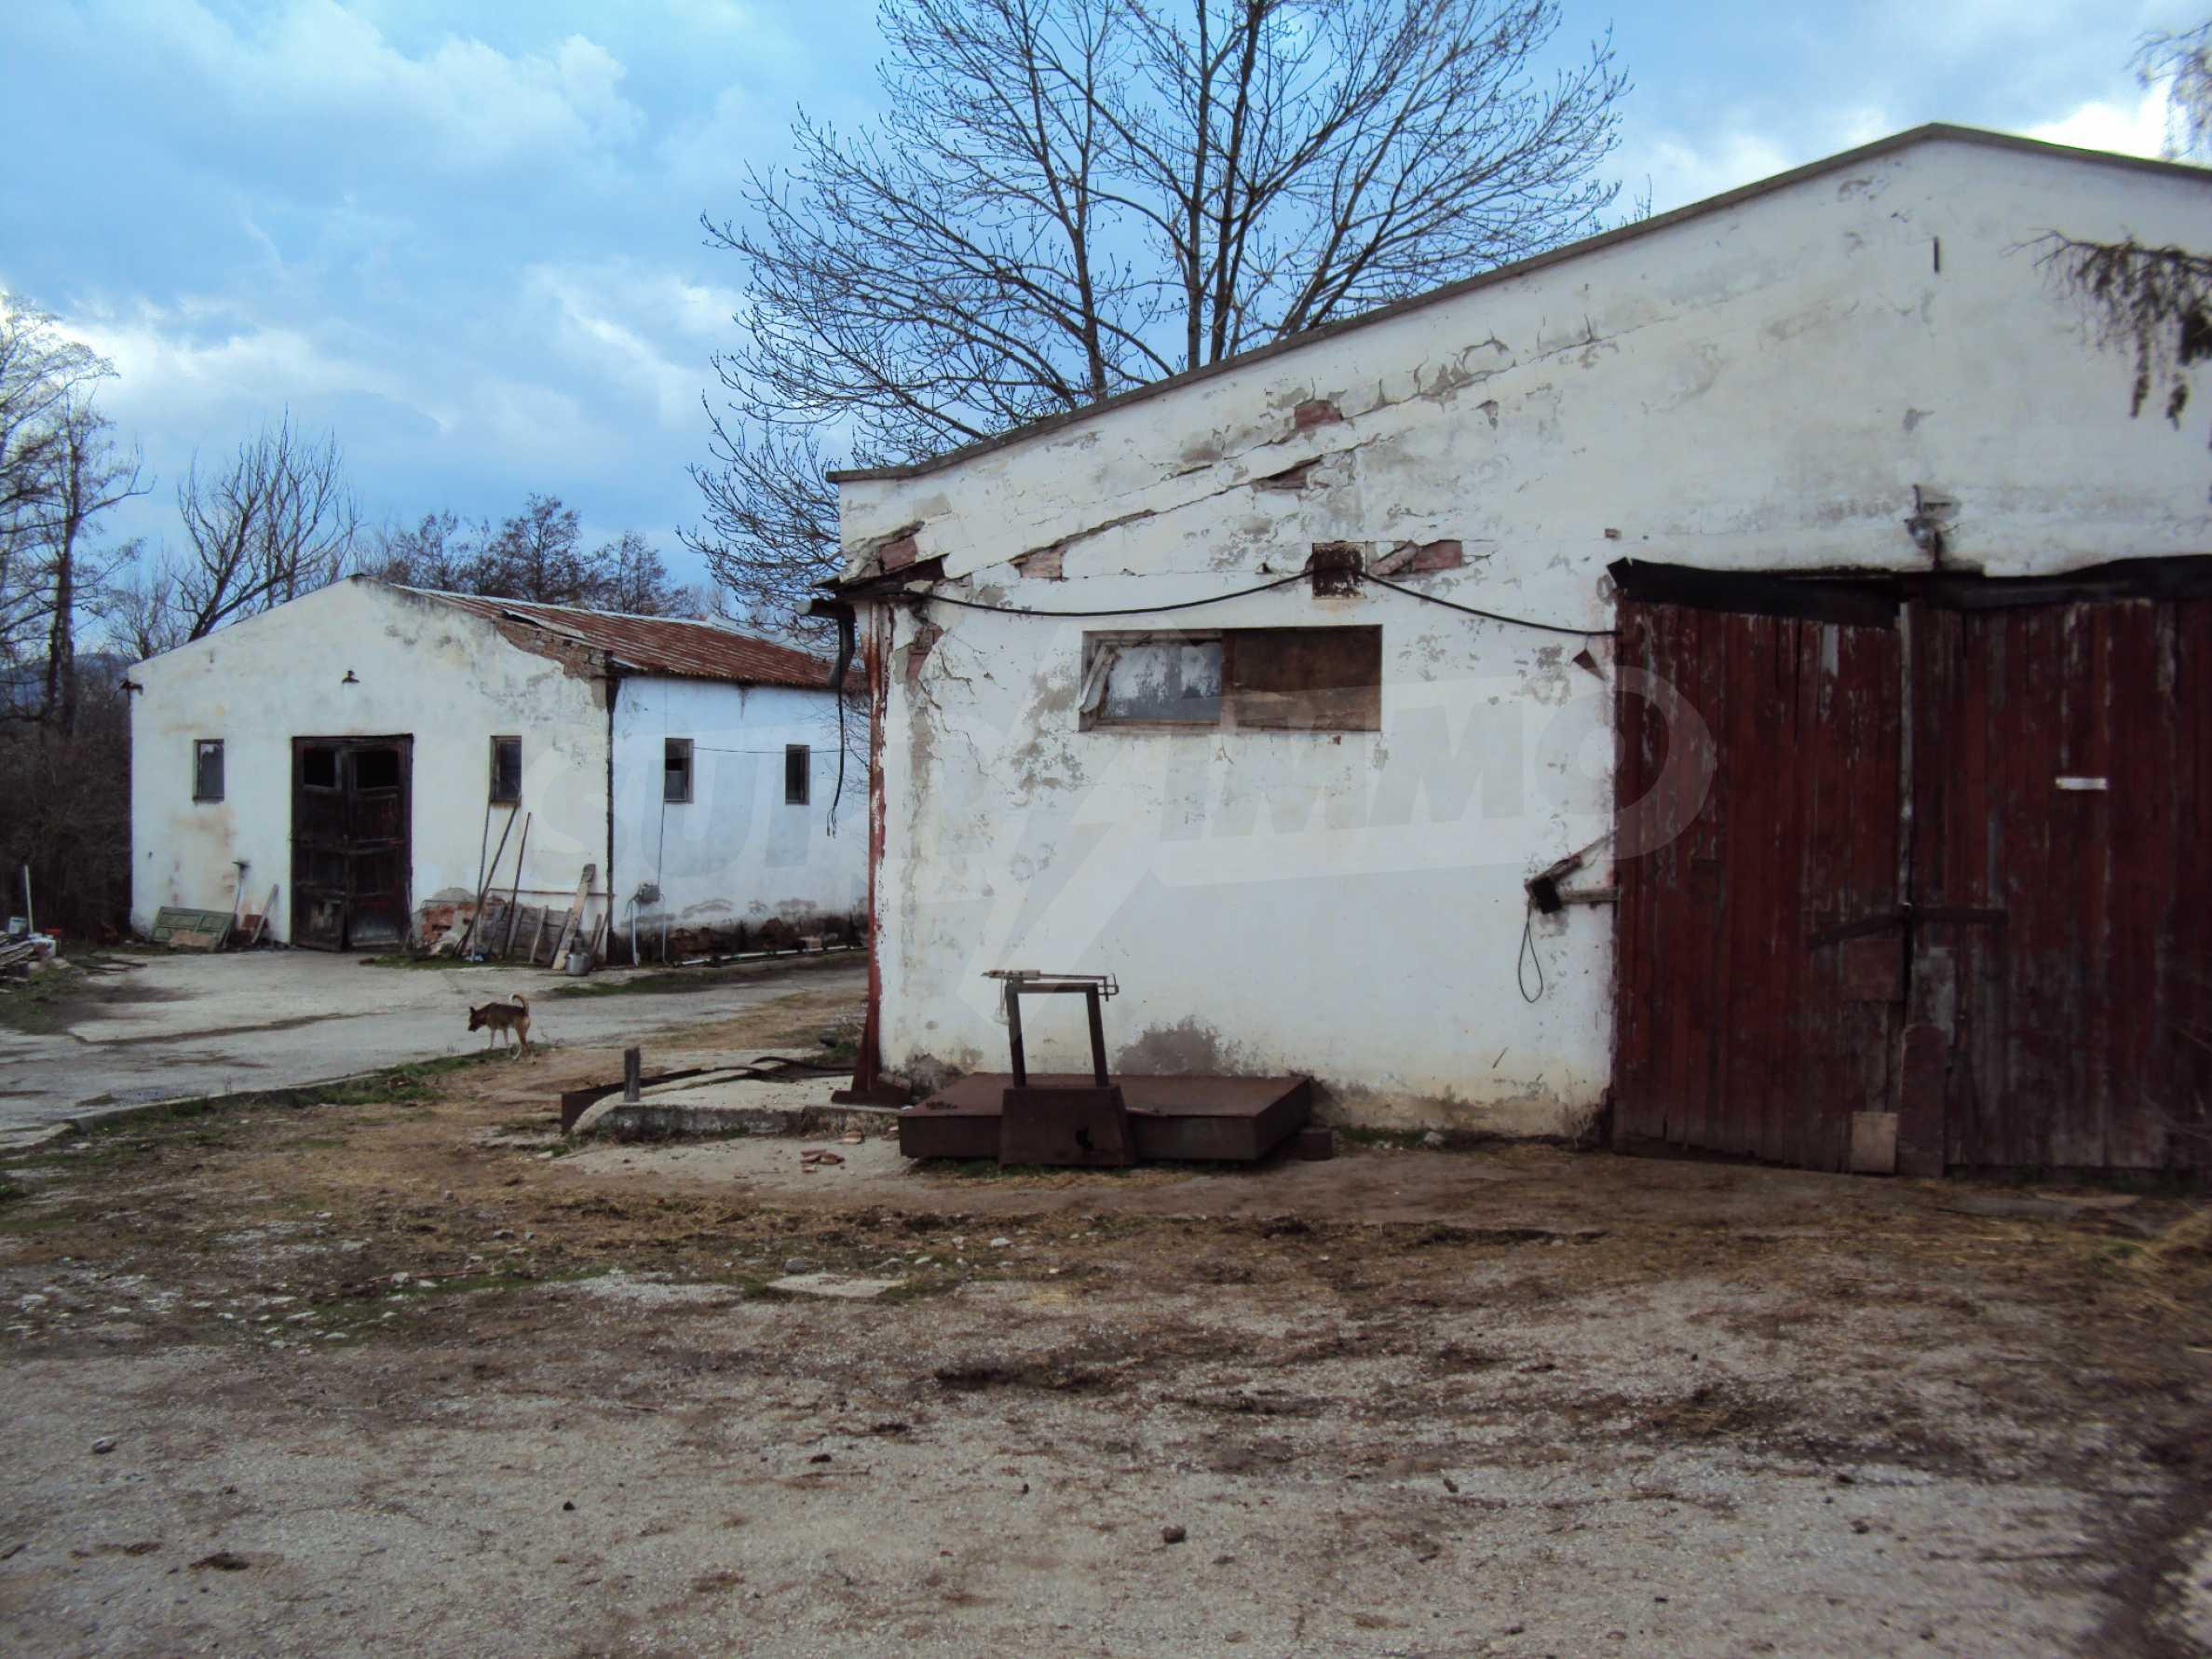 Ein Nebengebäude in einer kleinen Stadt 24 km von Veliko Tarnovo entfernt 11